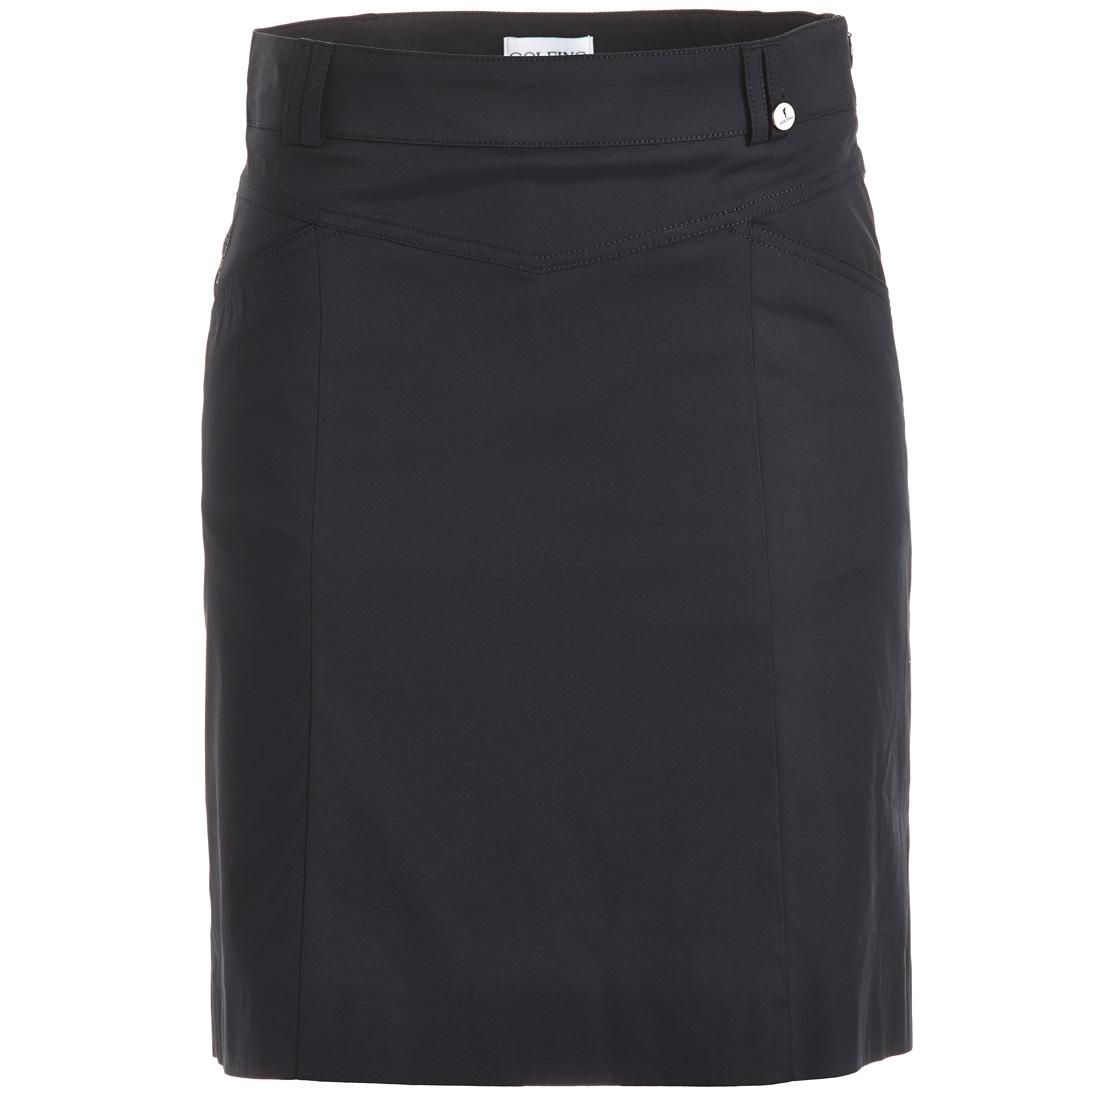 Golfskort aus Baumwoll-Stretch mit UV-Schutz in Comfortable Fit